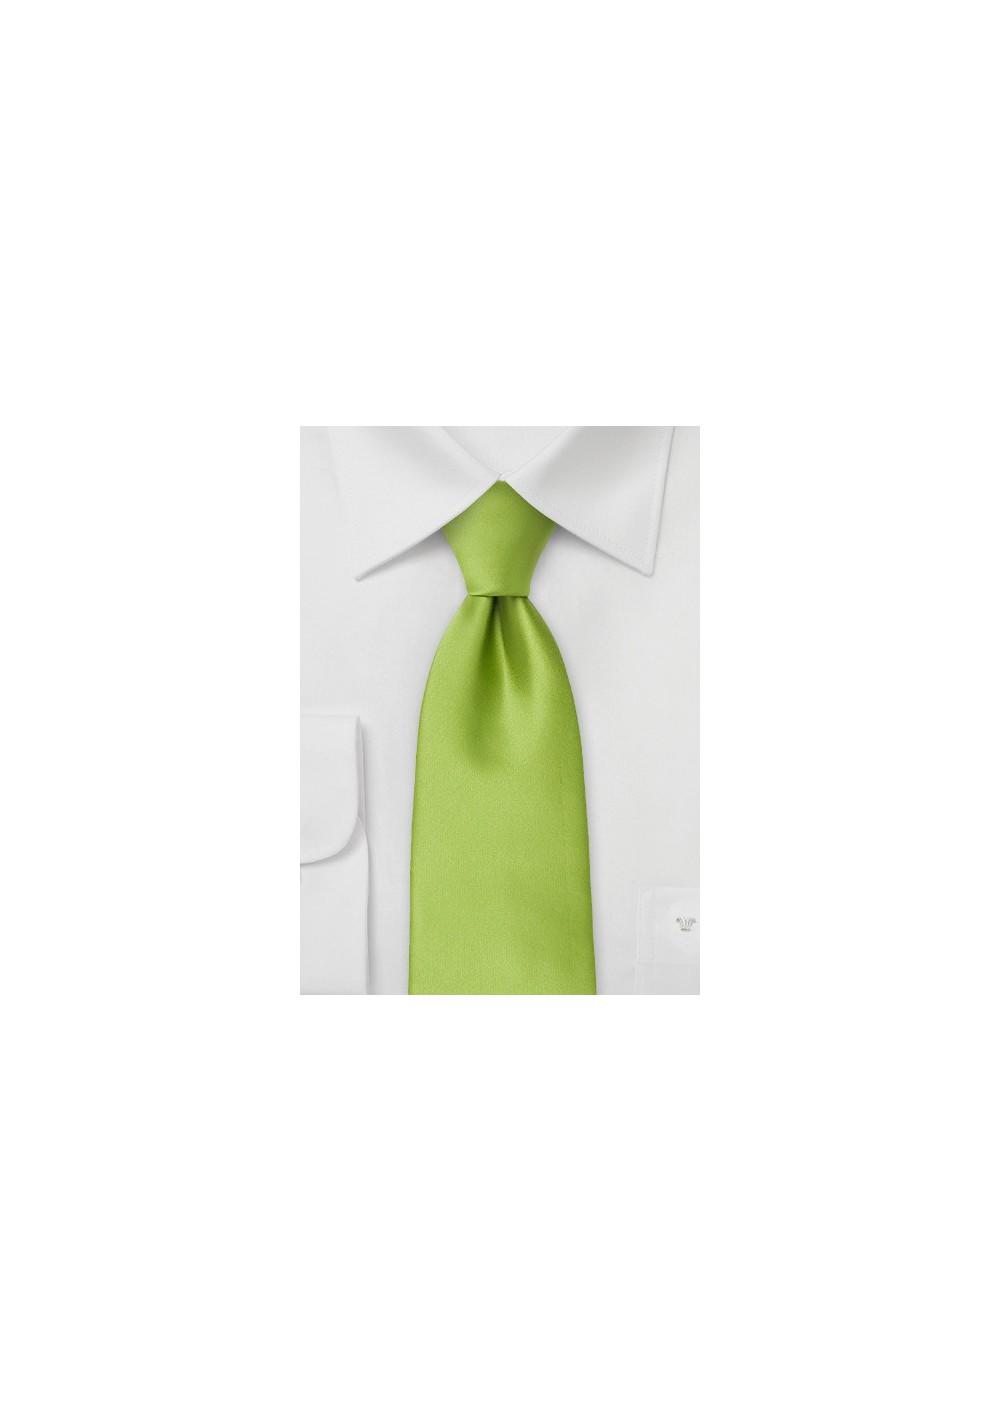 Solid color ties - Bright green necktie